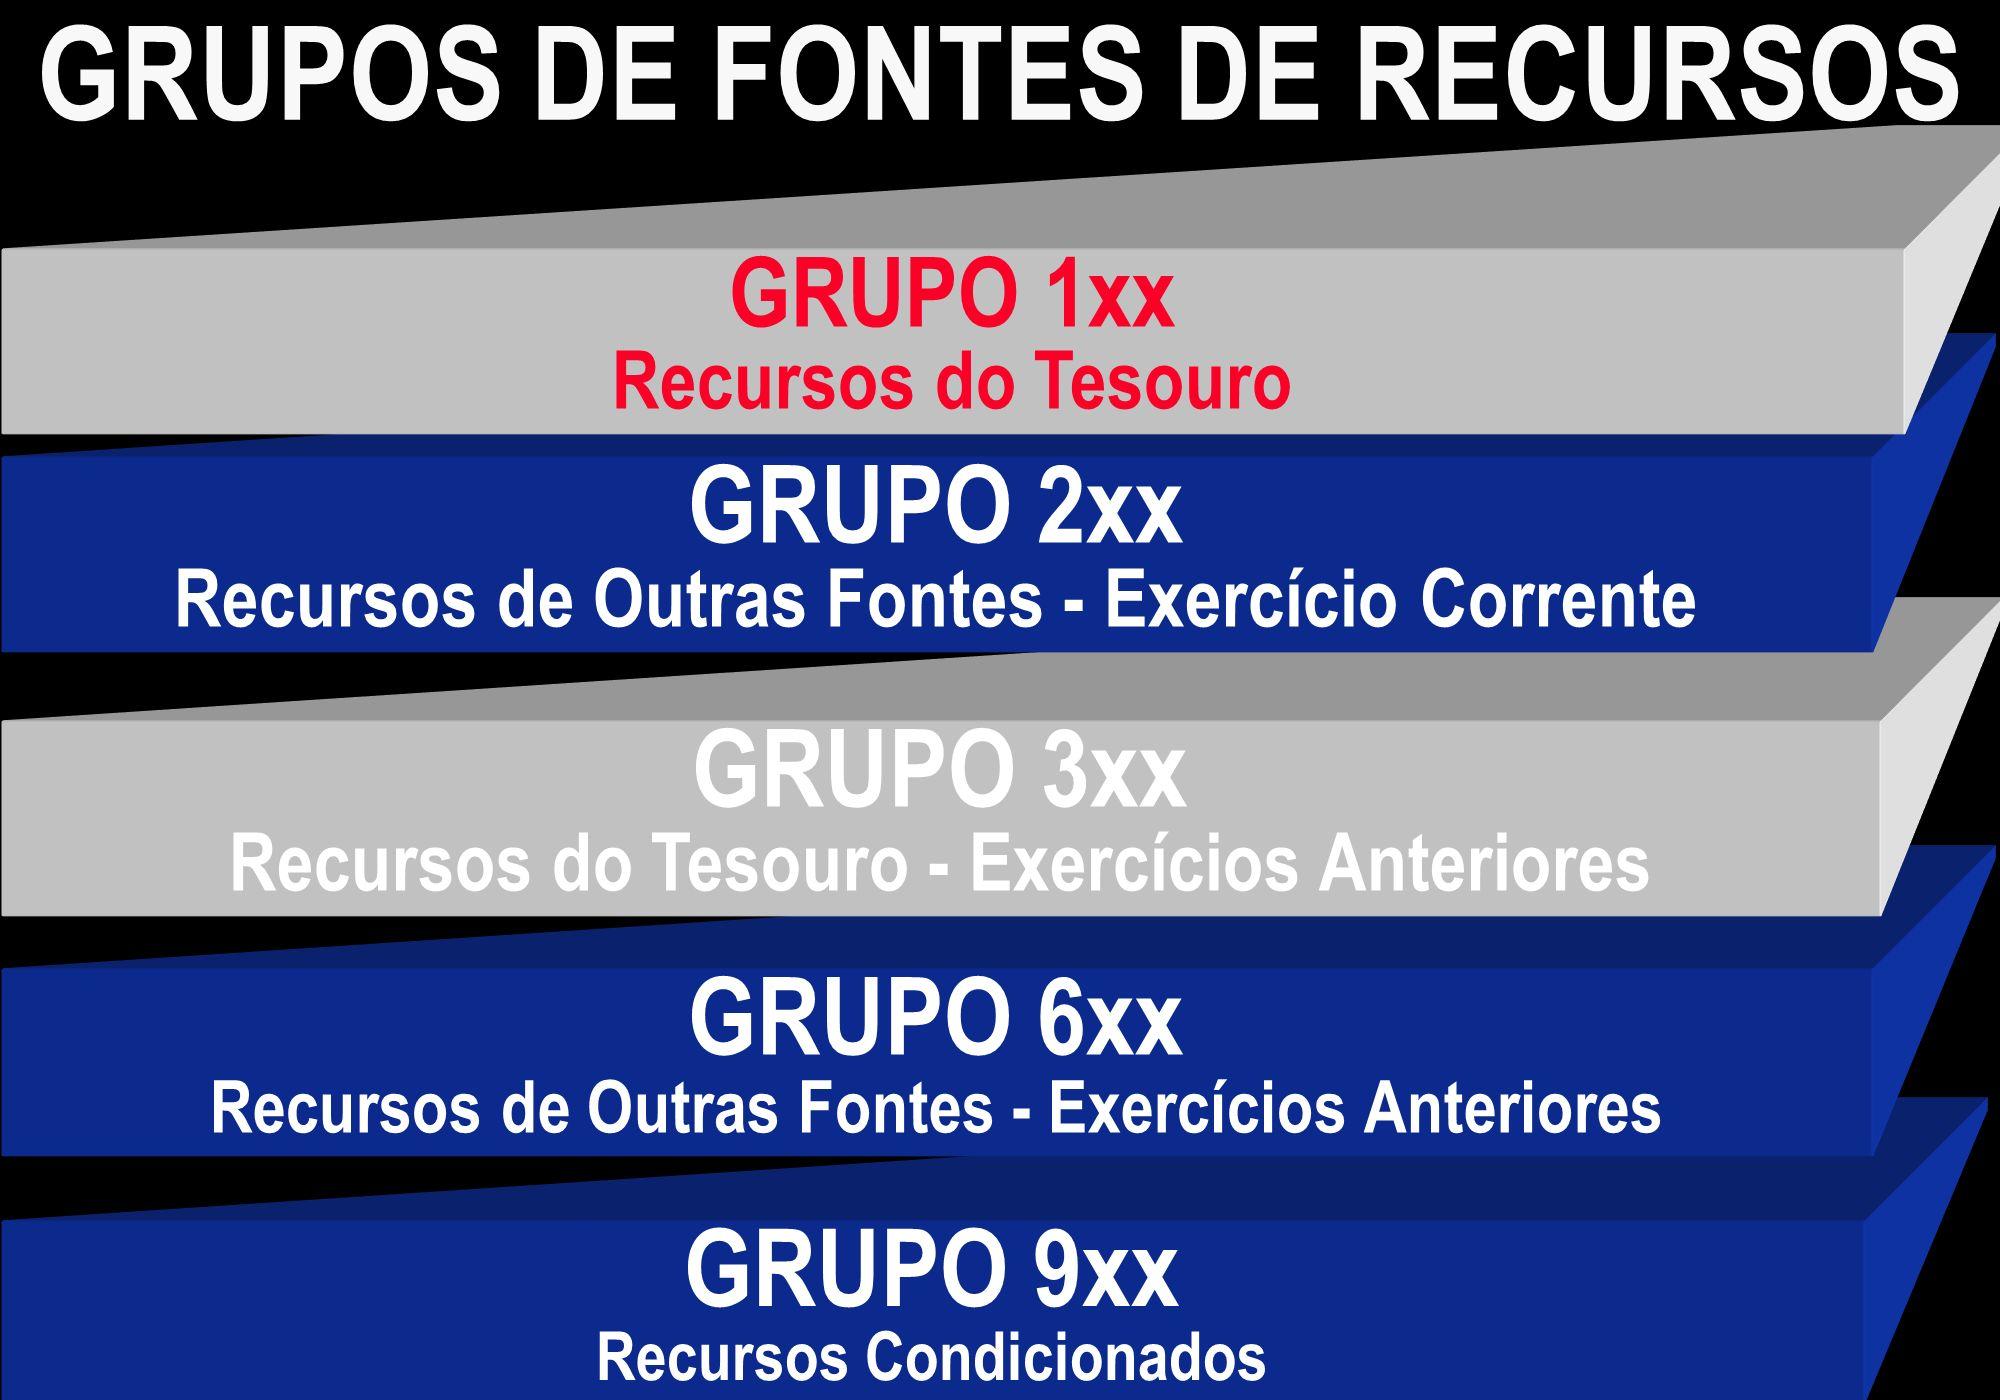 GRUPOS DE FONTES DE RECURSOS